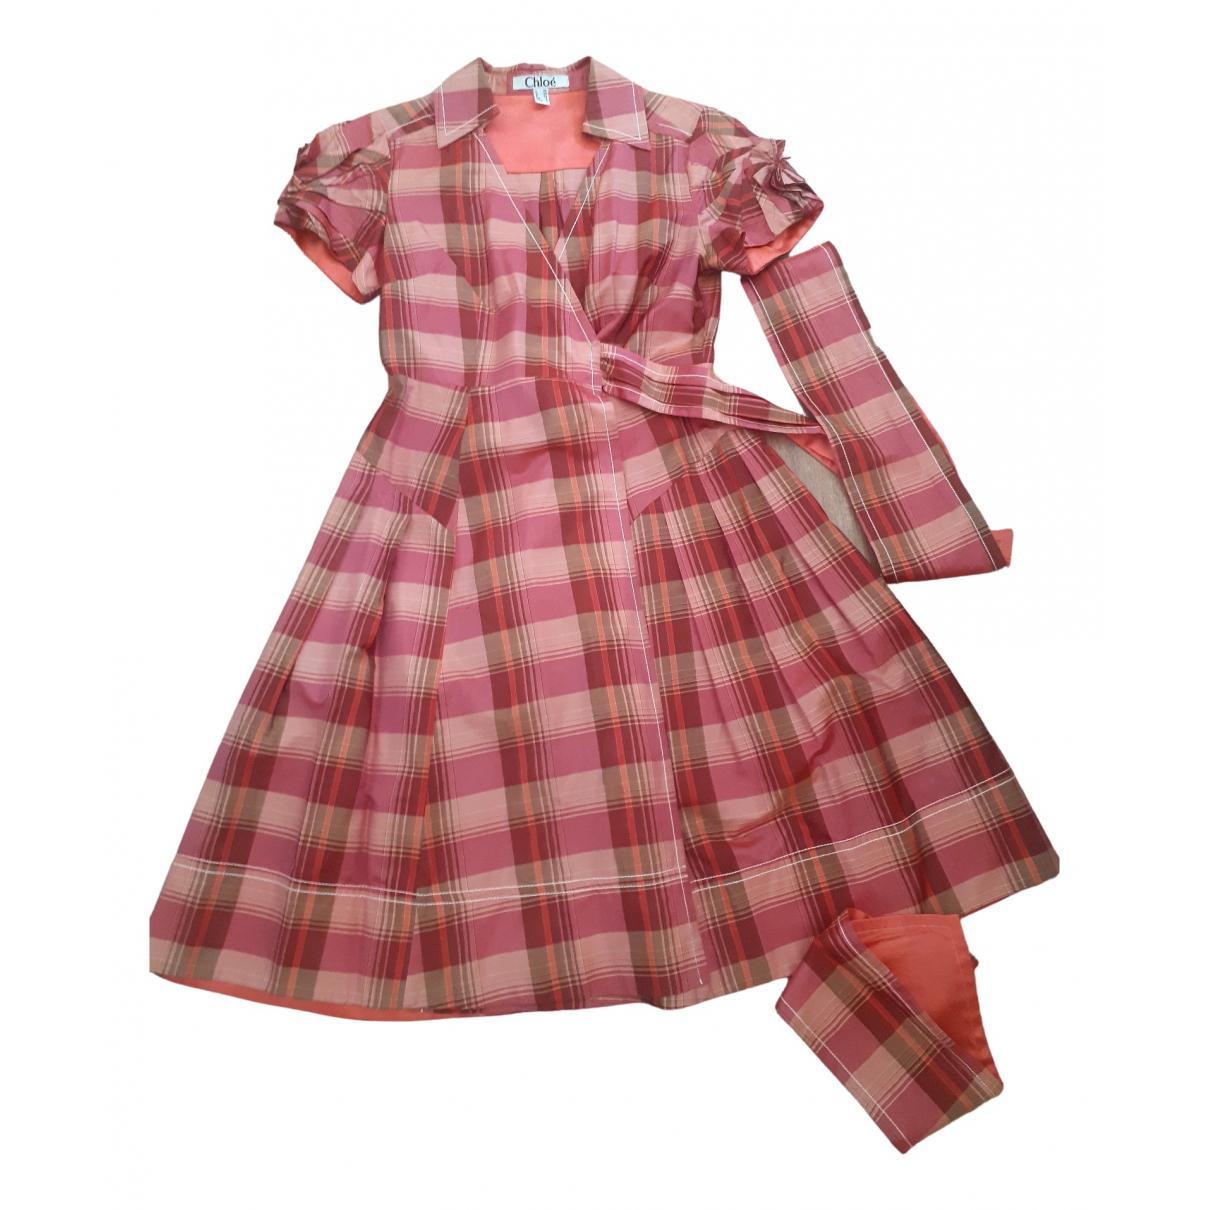 Chloe \N Kleid in Seide